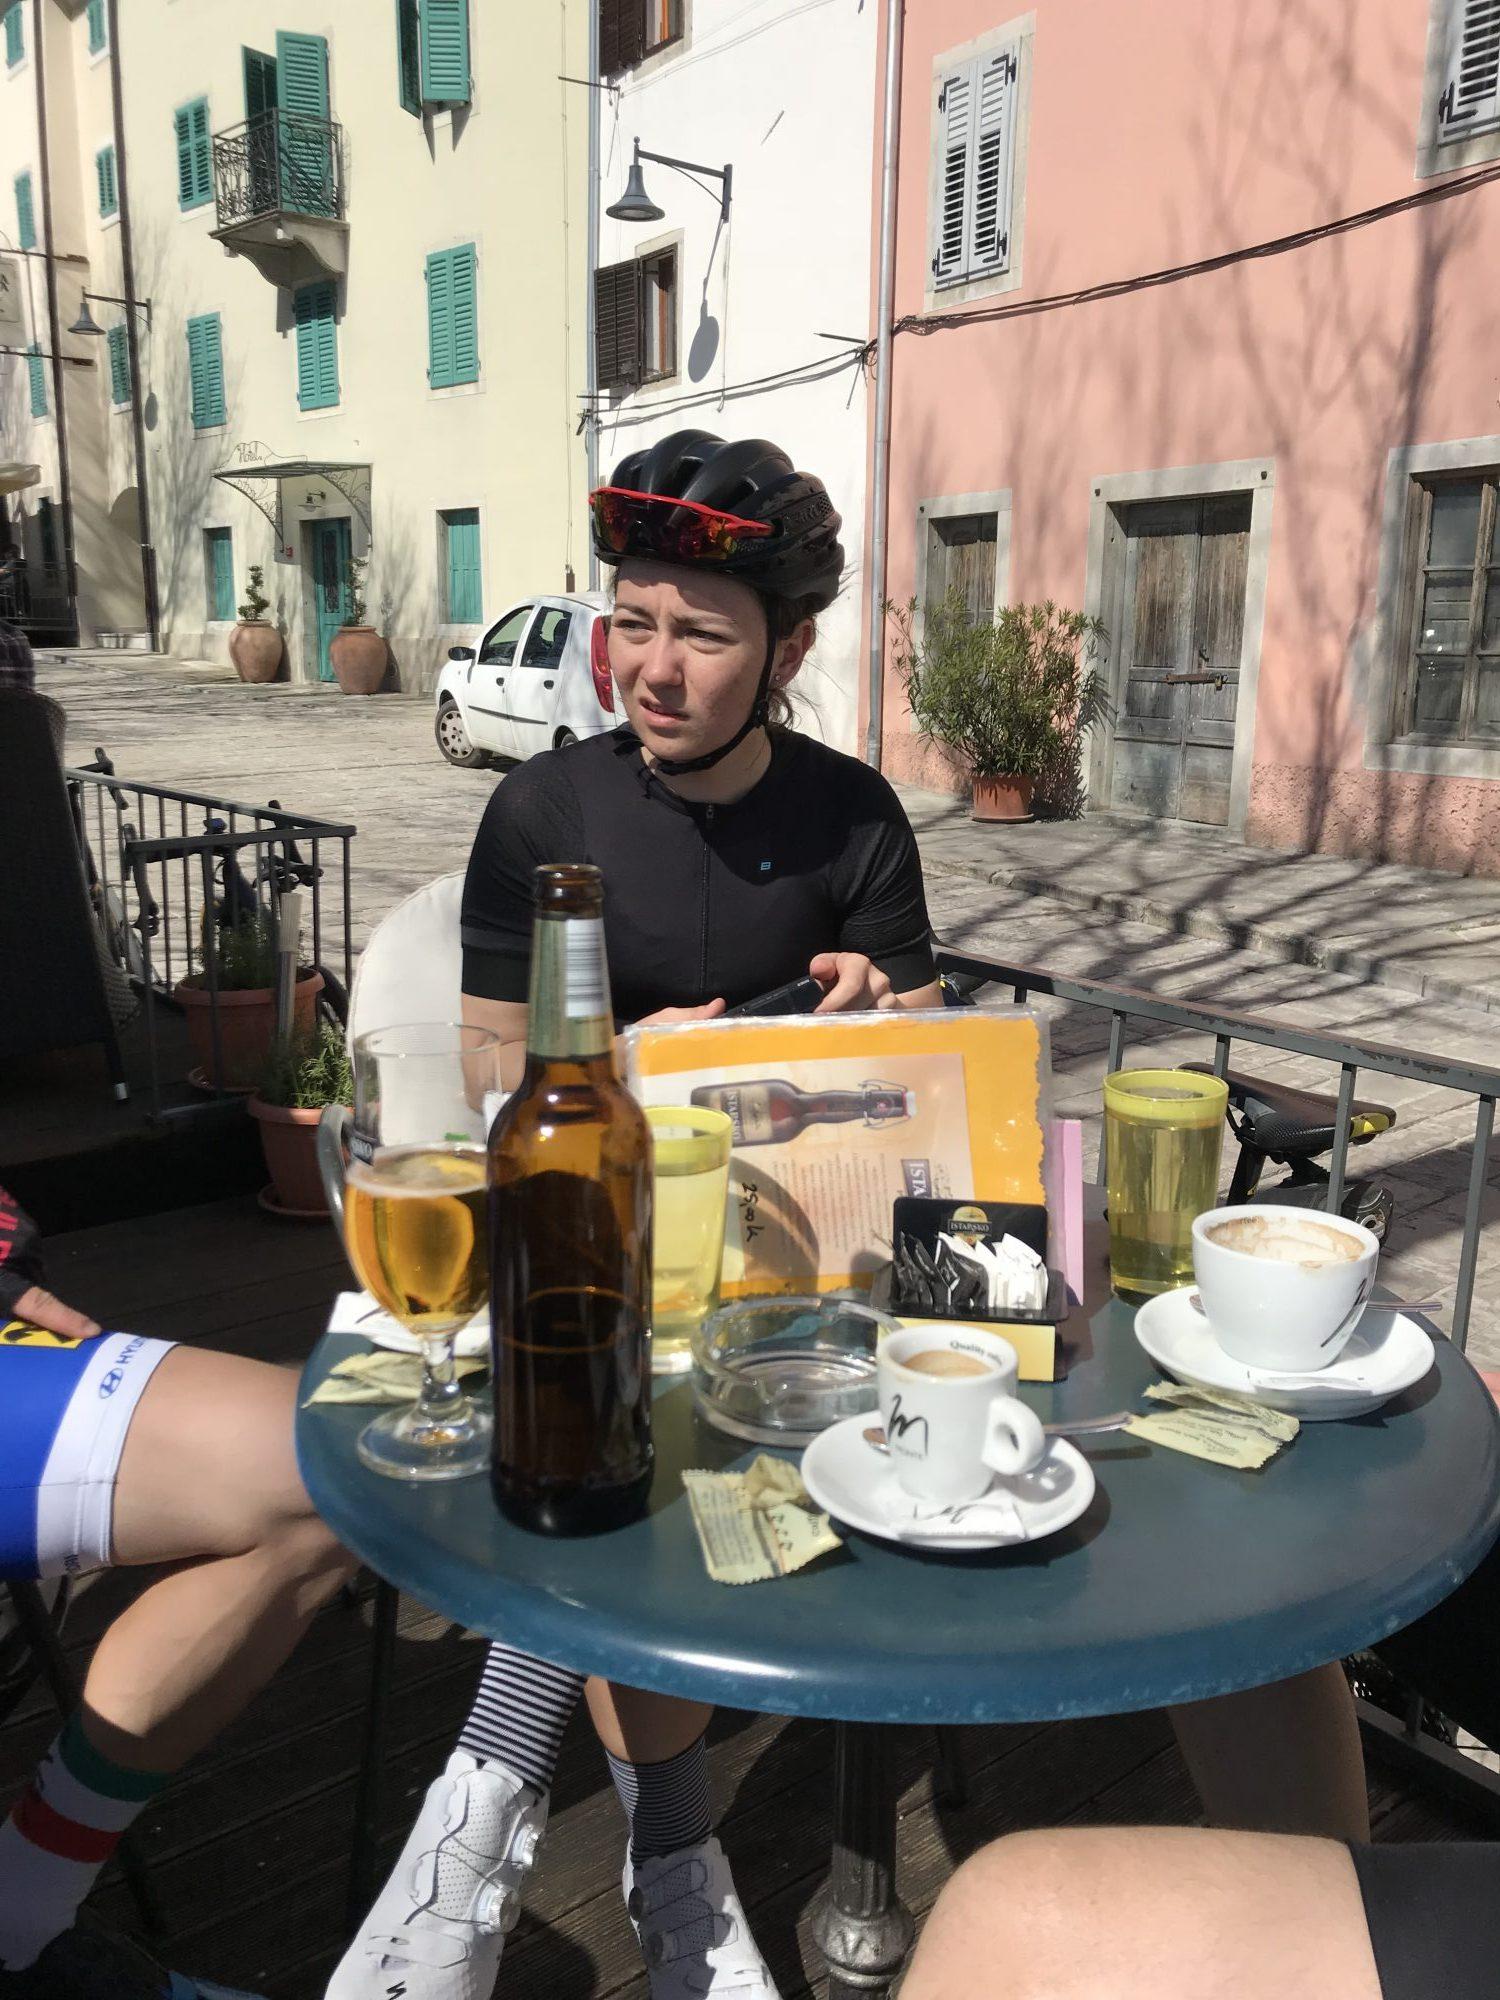 Biehler, Racing, Biehler Cycling, Rennradblog, Radblog, Österreich, Stotzinger, Rennrad, Tini & Andy, Rennradblog geradeaus